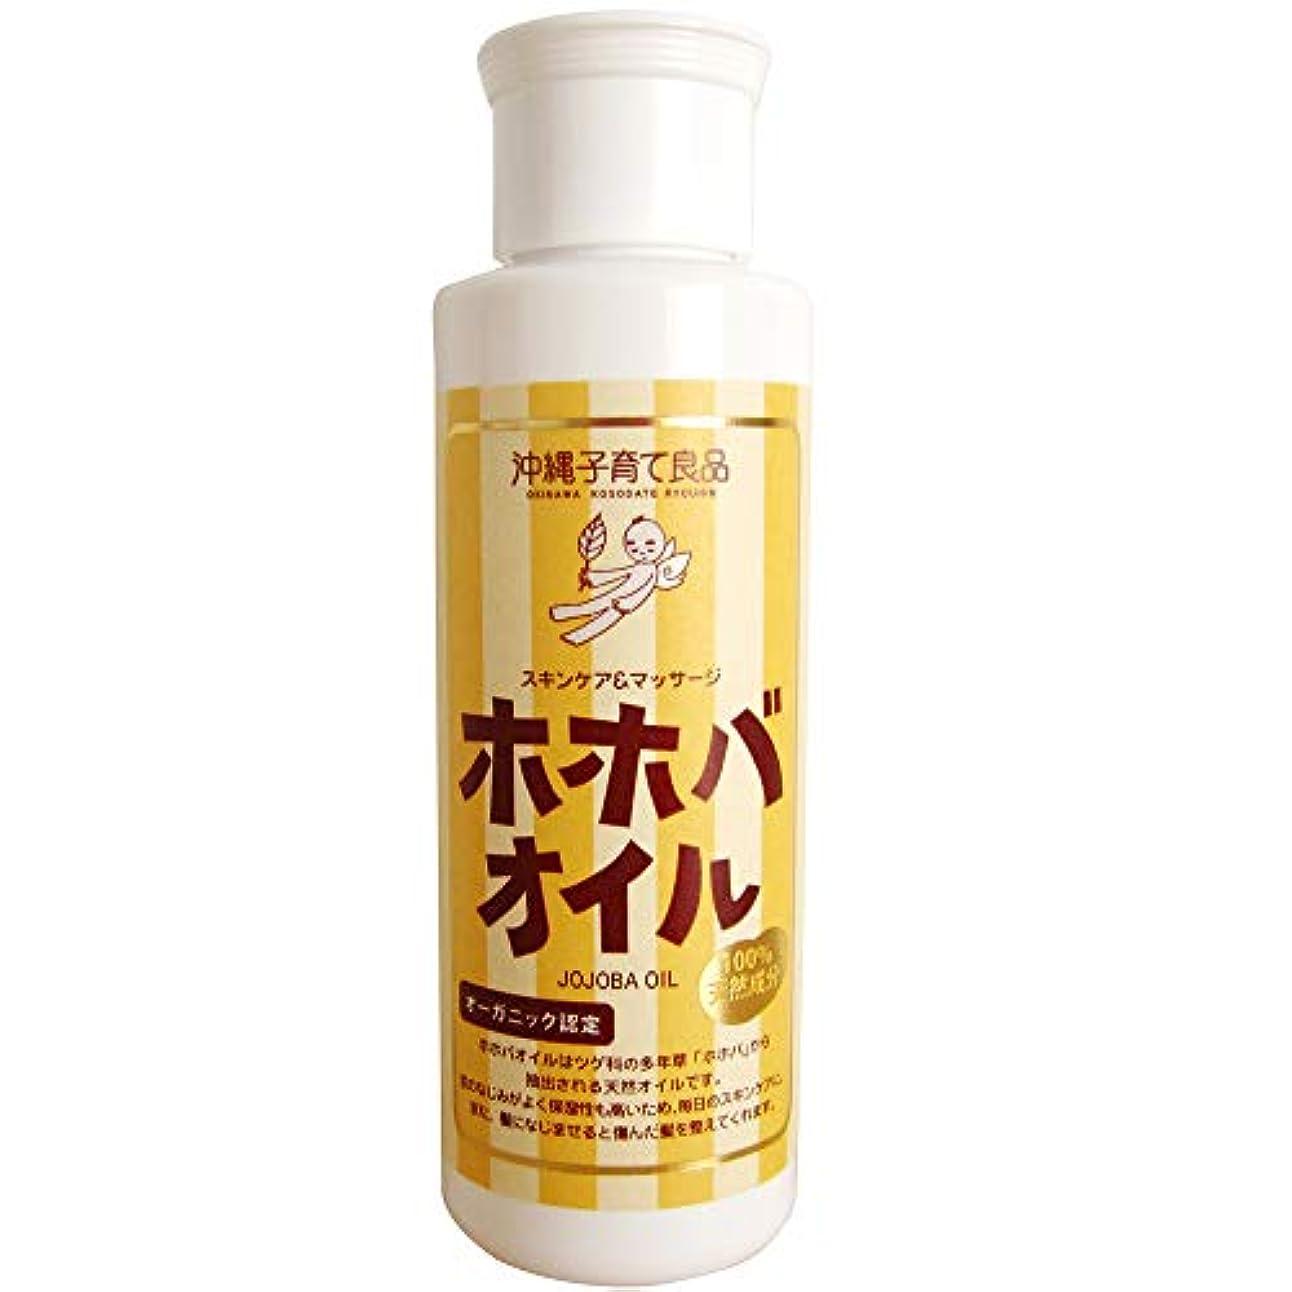 写真を描く太いコウモリホホバオイル/jojoba oil (100ml)